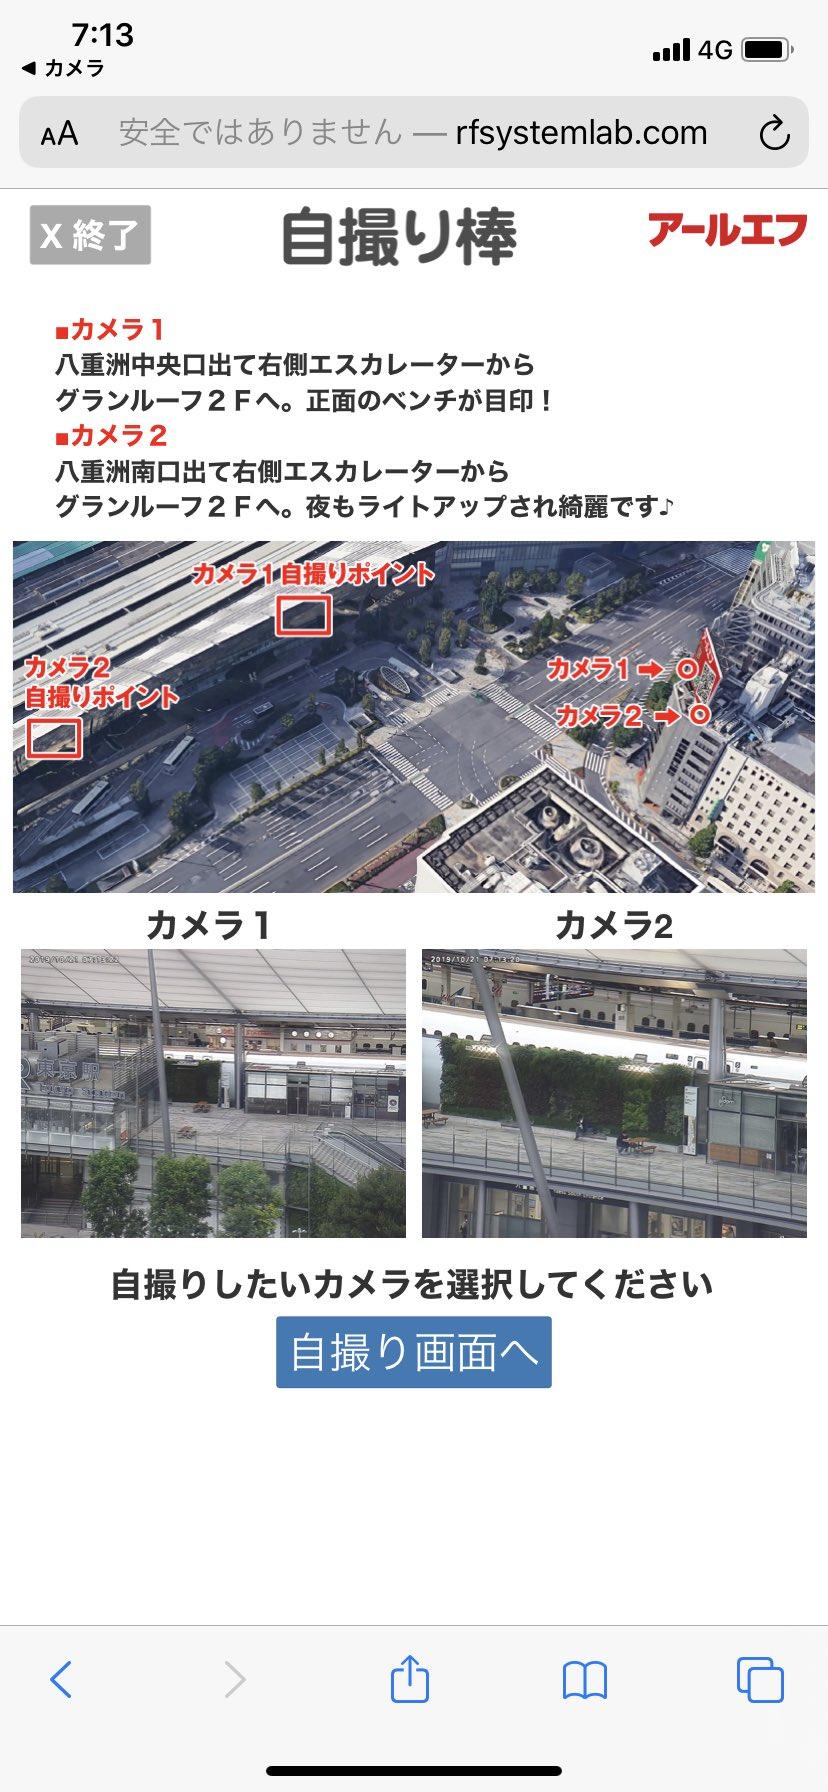 駅前にあった謎の看板の正体は自撮り棒?!カメラを遠隔操作して自撮りが出来る!